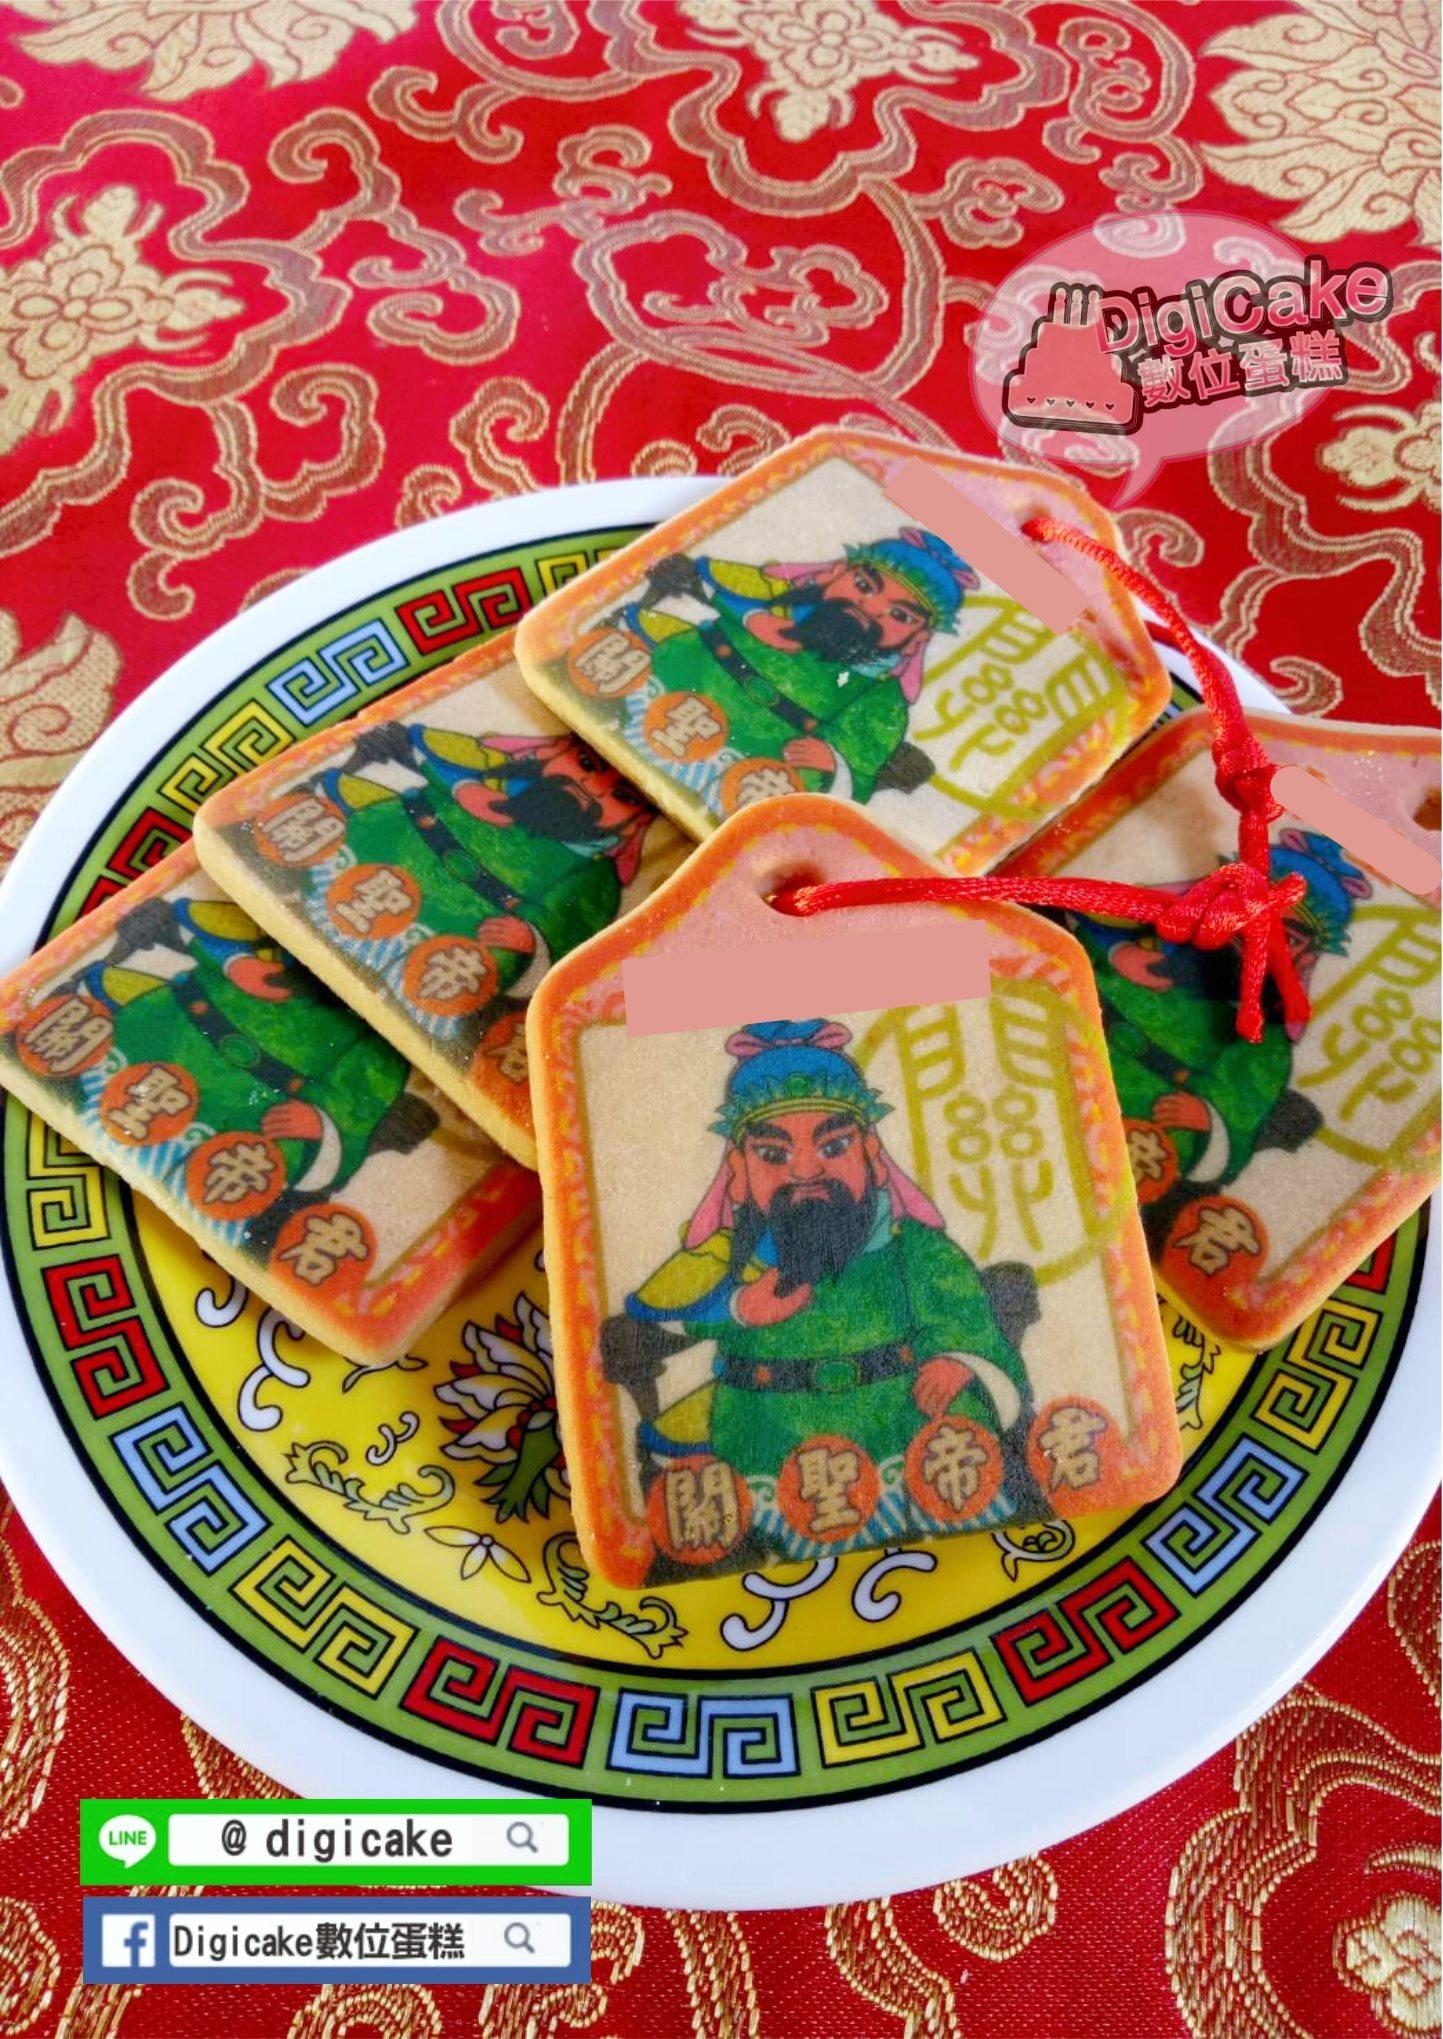 點此進入關聖帝君小平安餅的詳細資料!